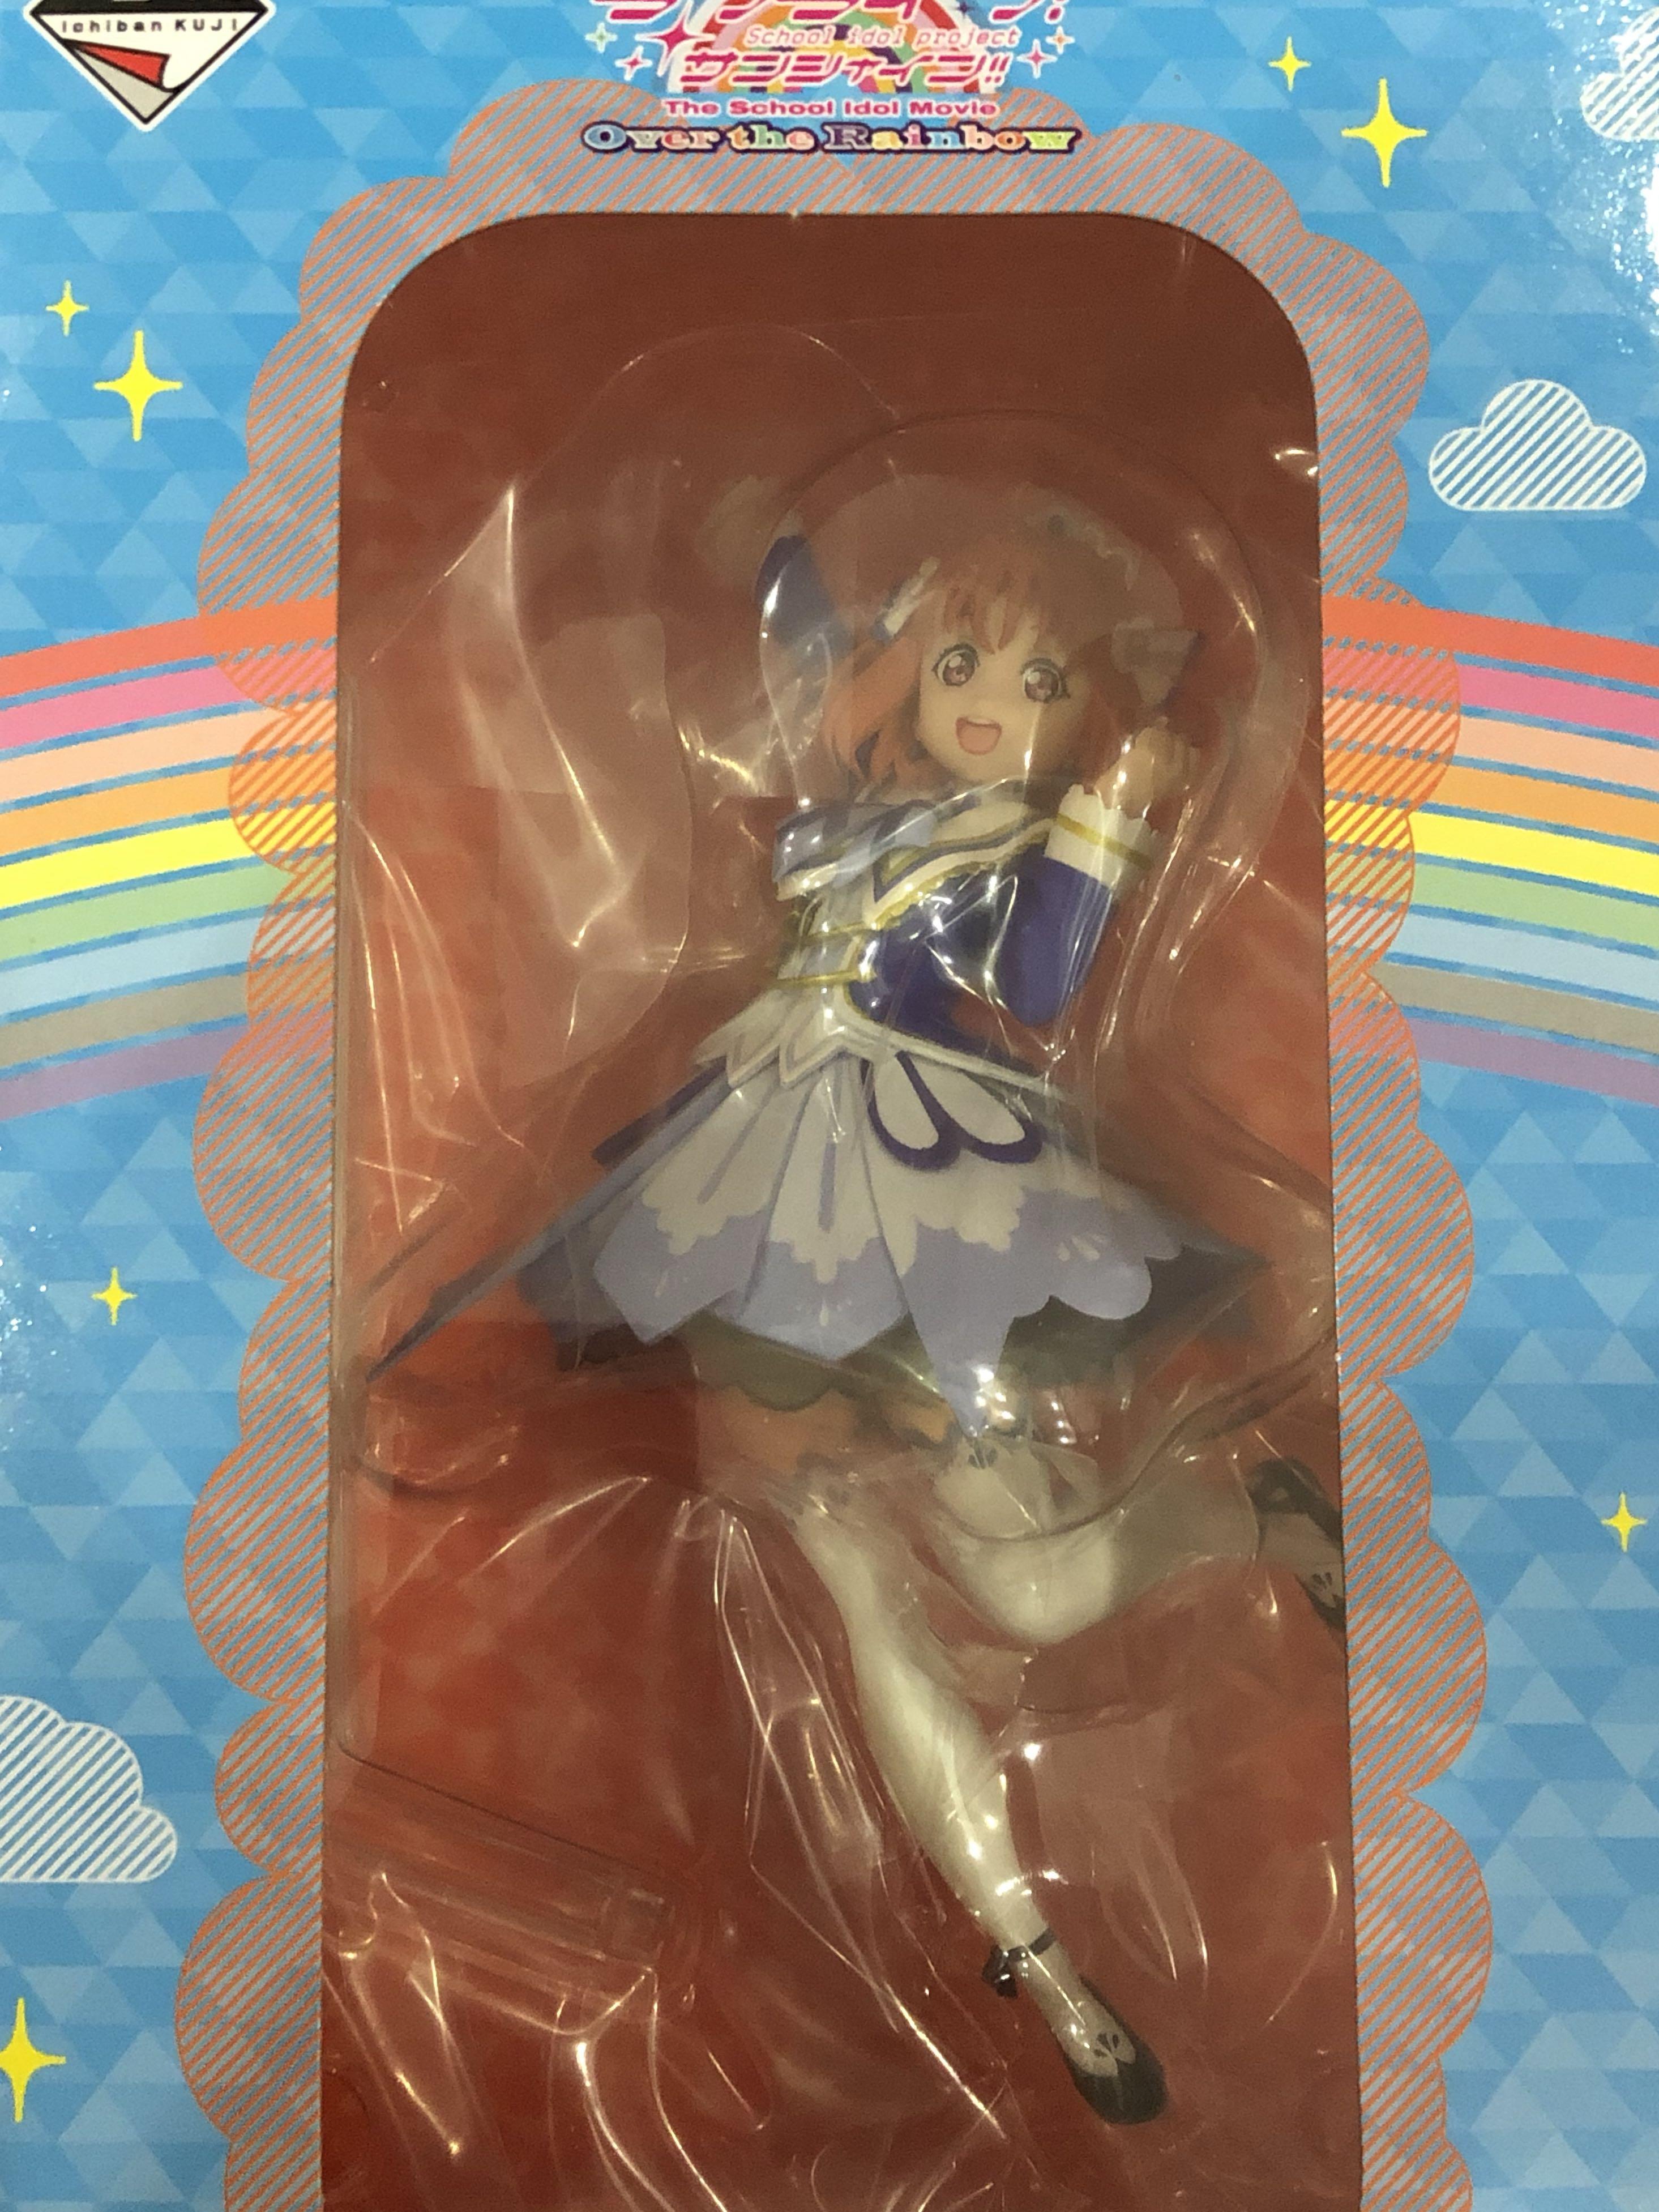 Ichiban Kuji Love Live Sunshine Over the Rainbow A Chika Takami USA SELLER